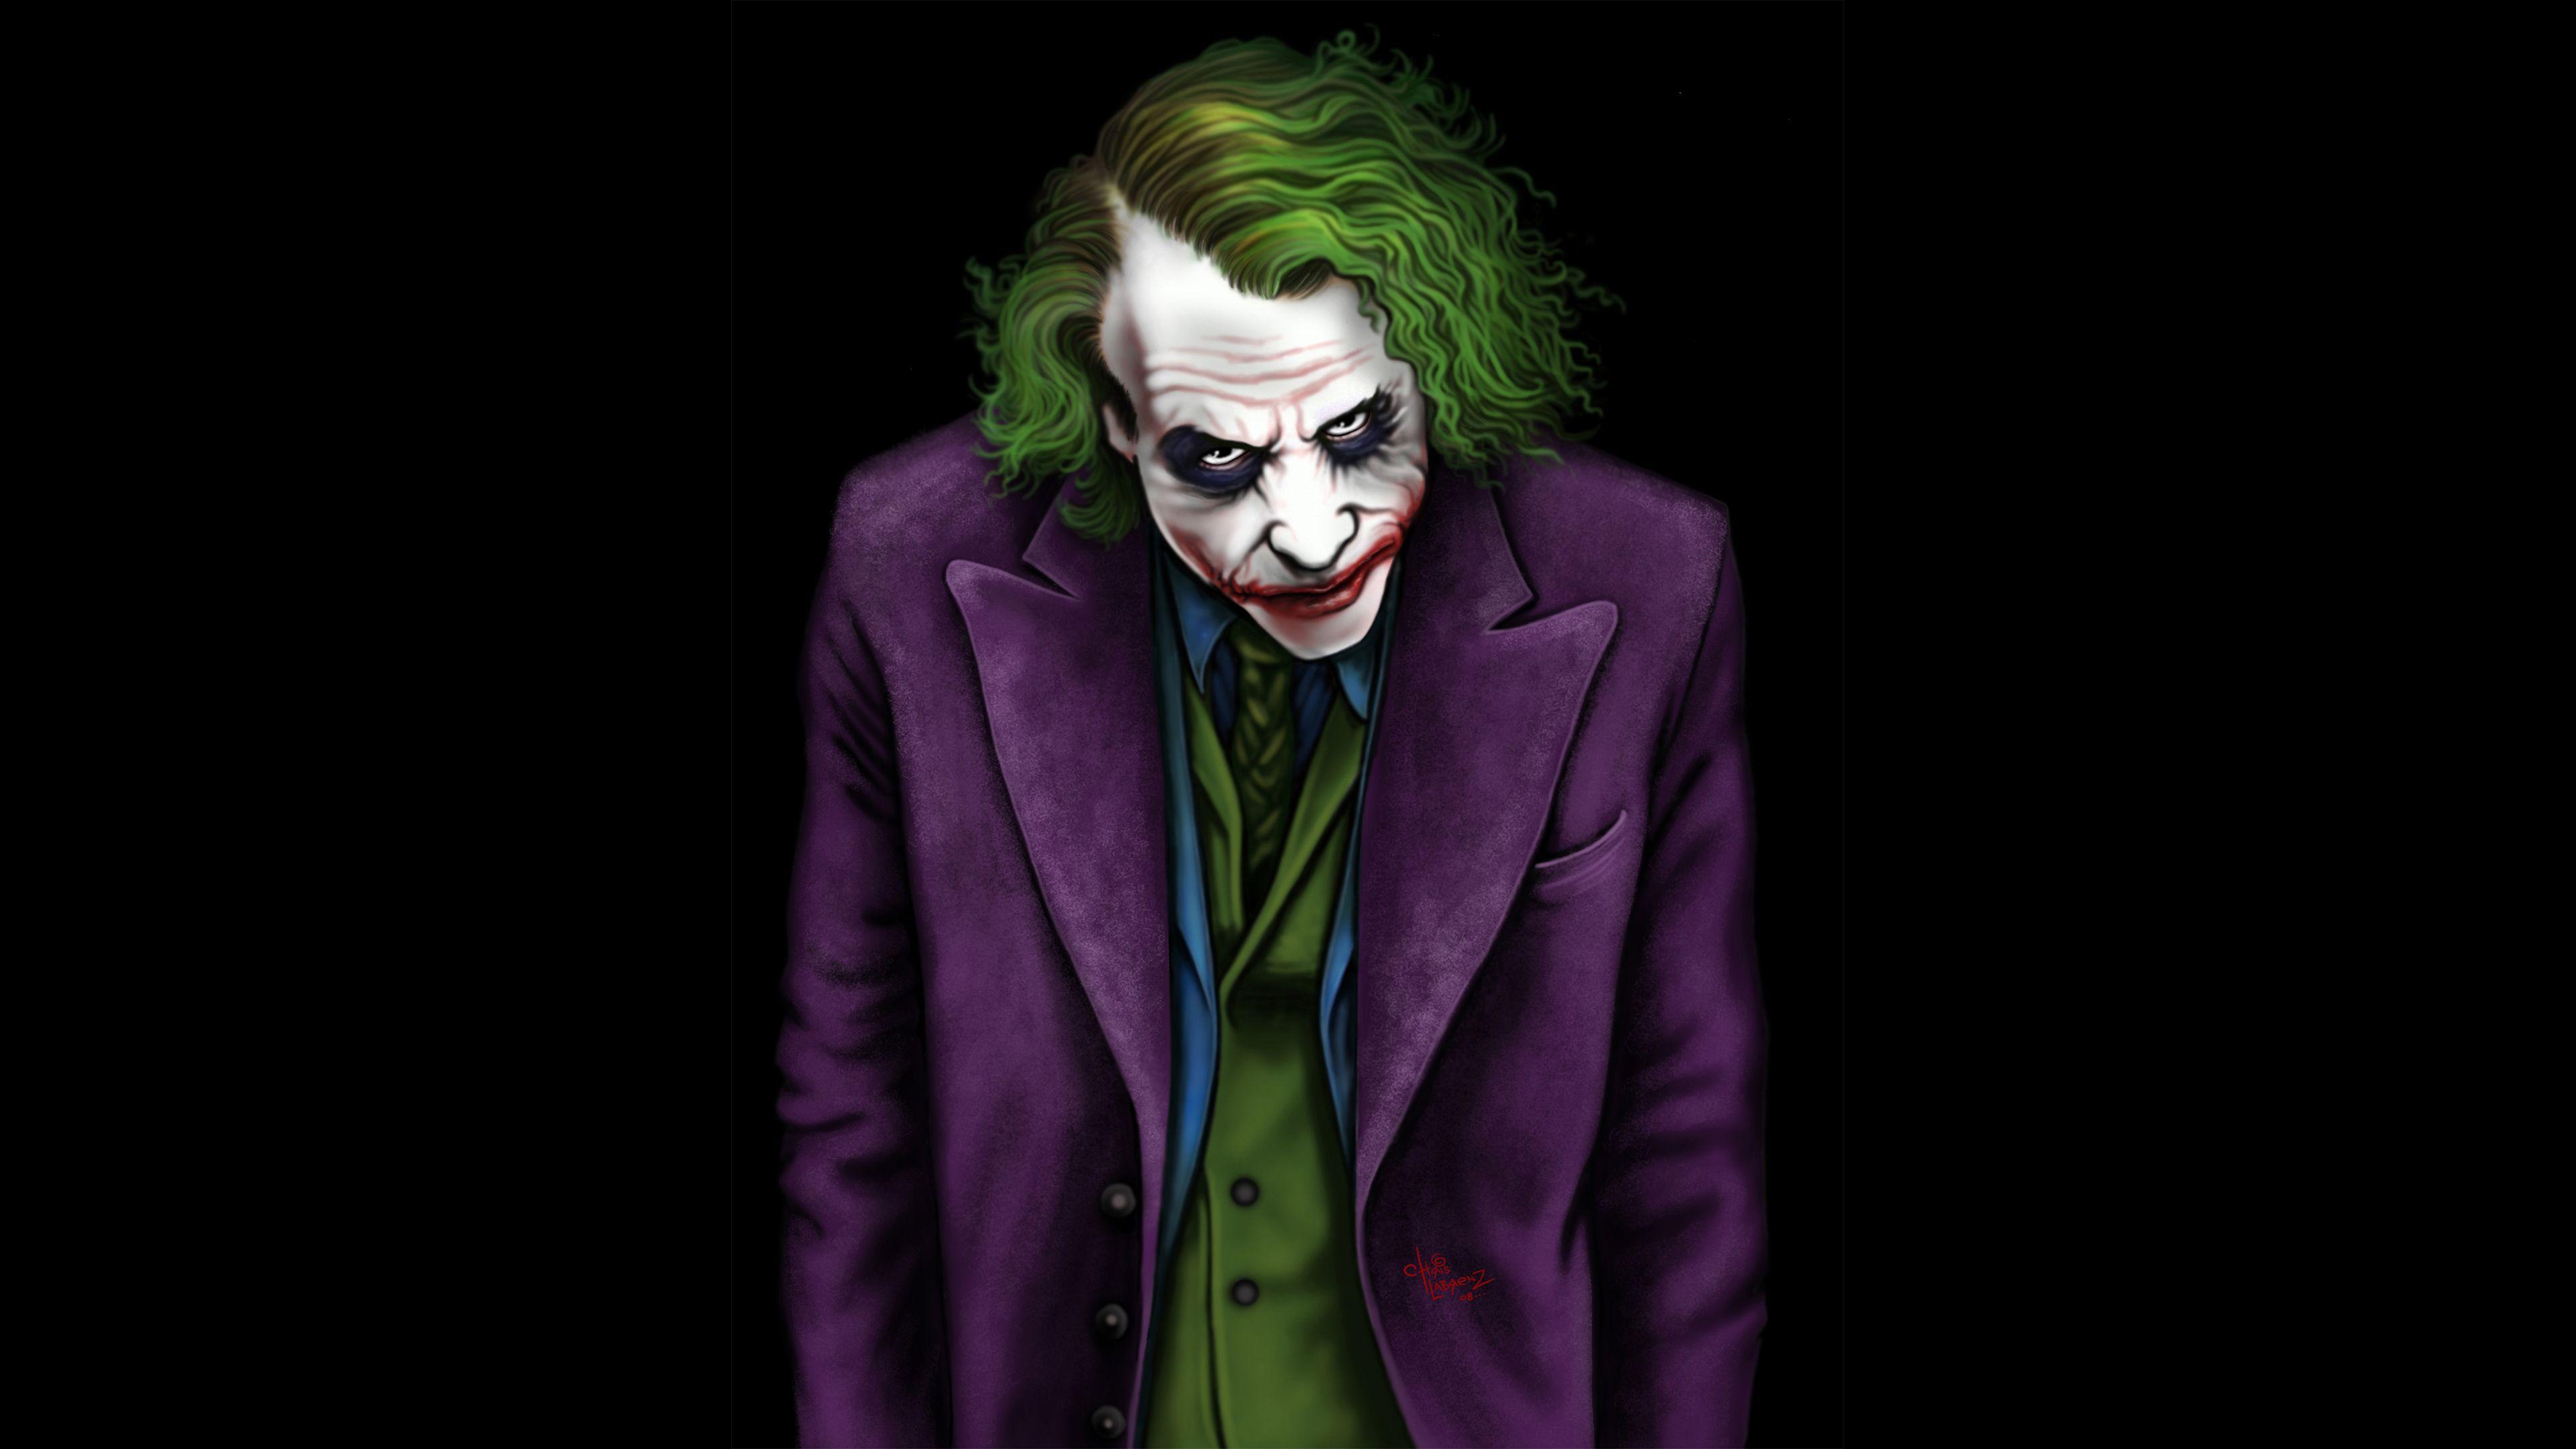 Fondos De Pantalla Hd 4k Joker